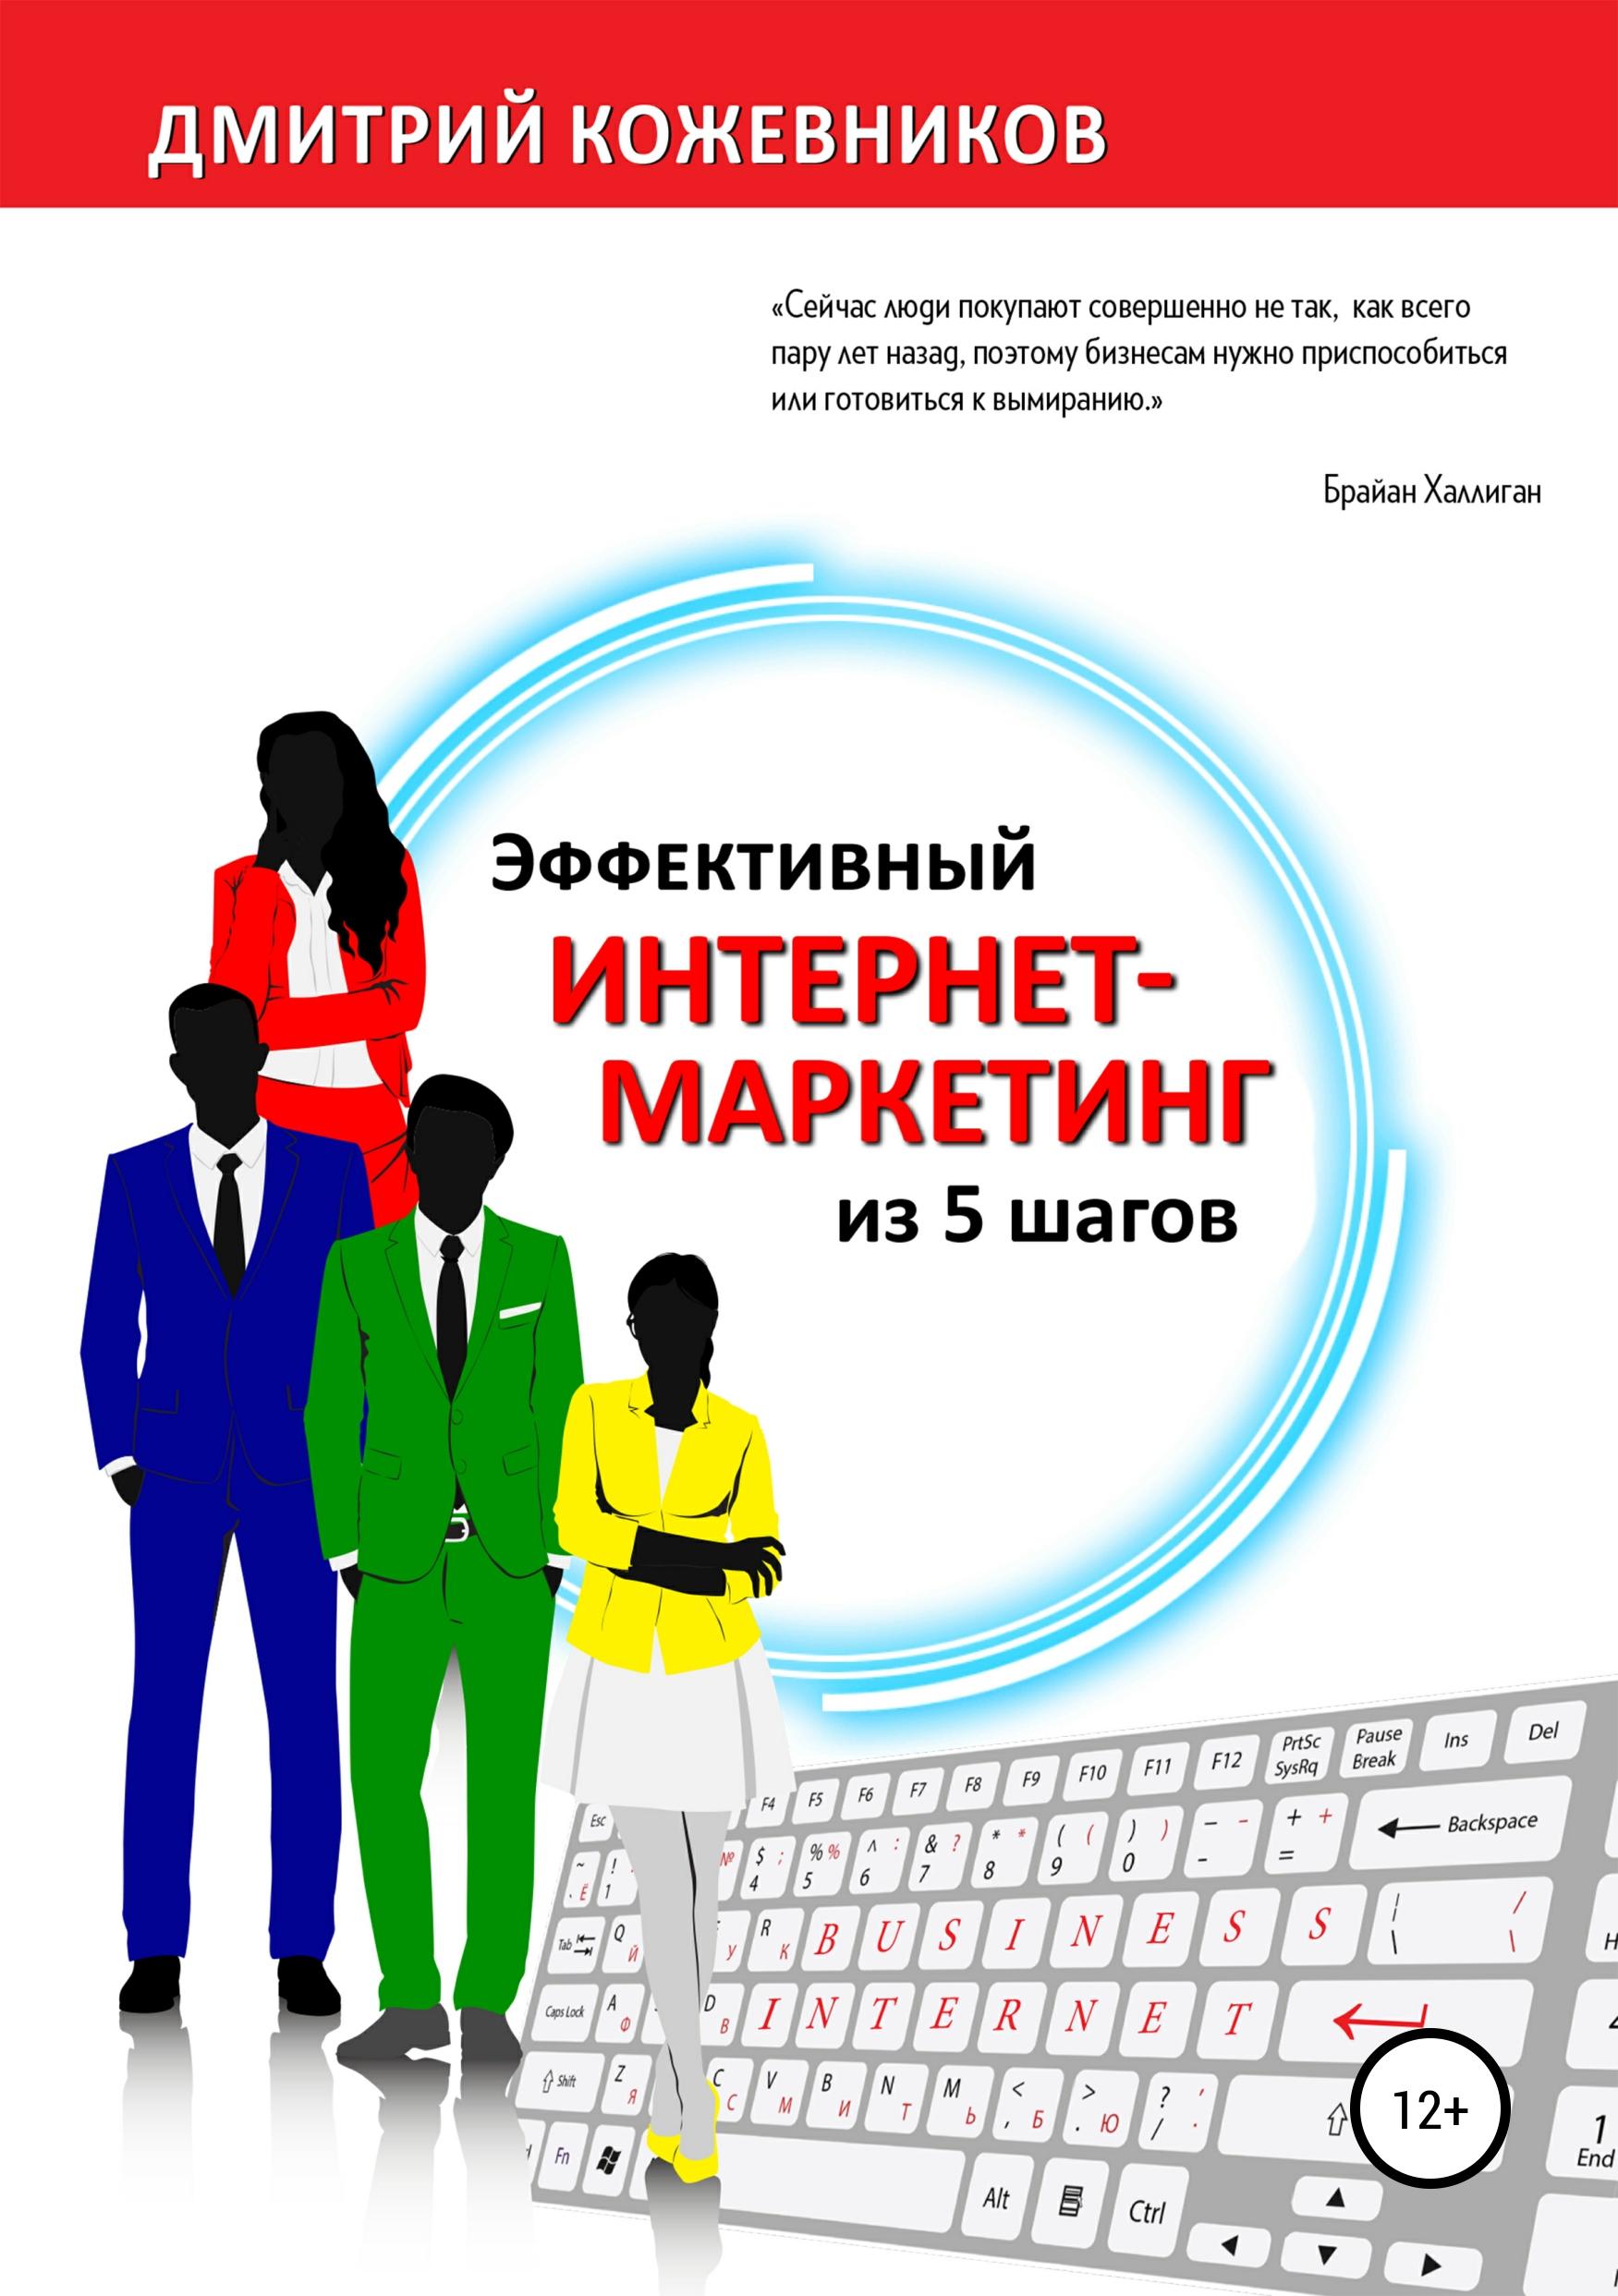 Дмитрий Владимирович Кожевников Эффективный интернет-маркетинг из 5 шагов засухин дмитрий юридический маркетинг как построить личный бренд юристам и адвокатам